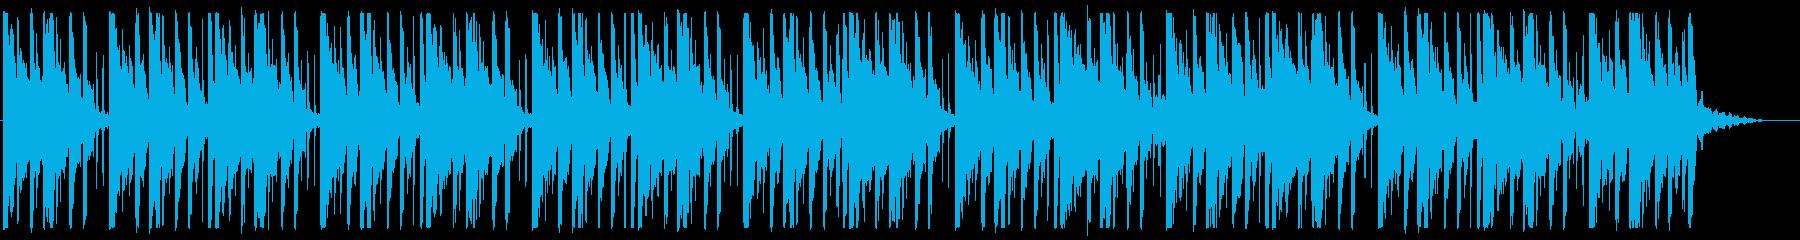 寂しい/ピアノ/R&B_No489_4の再生済みの波形